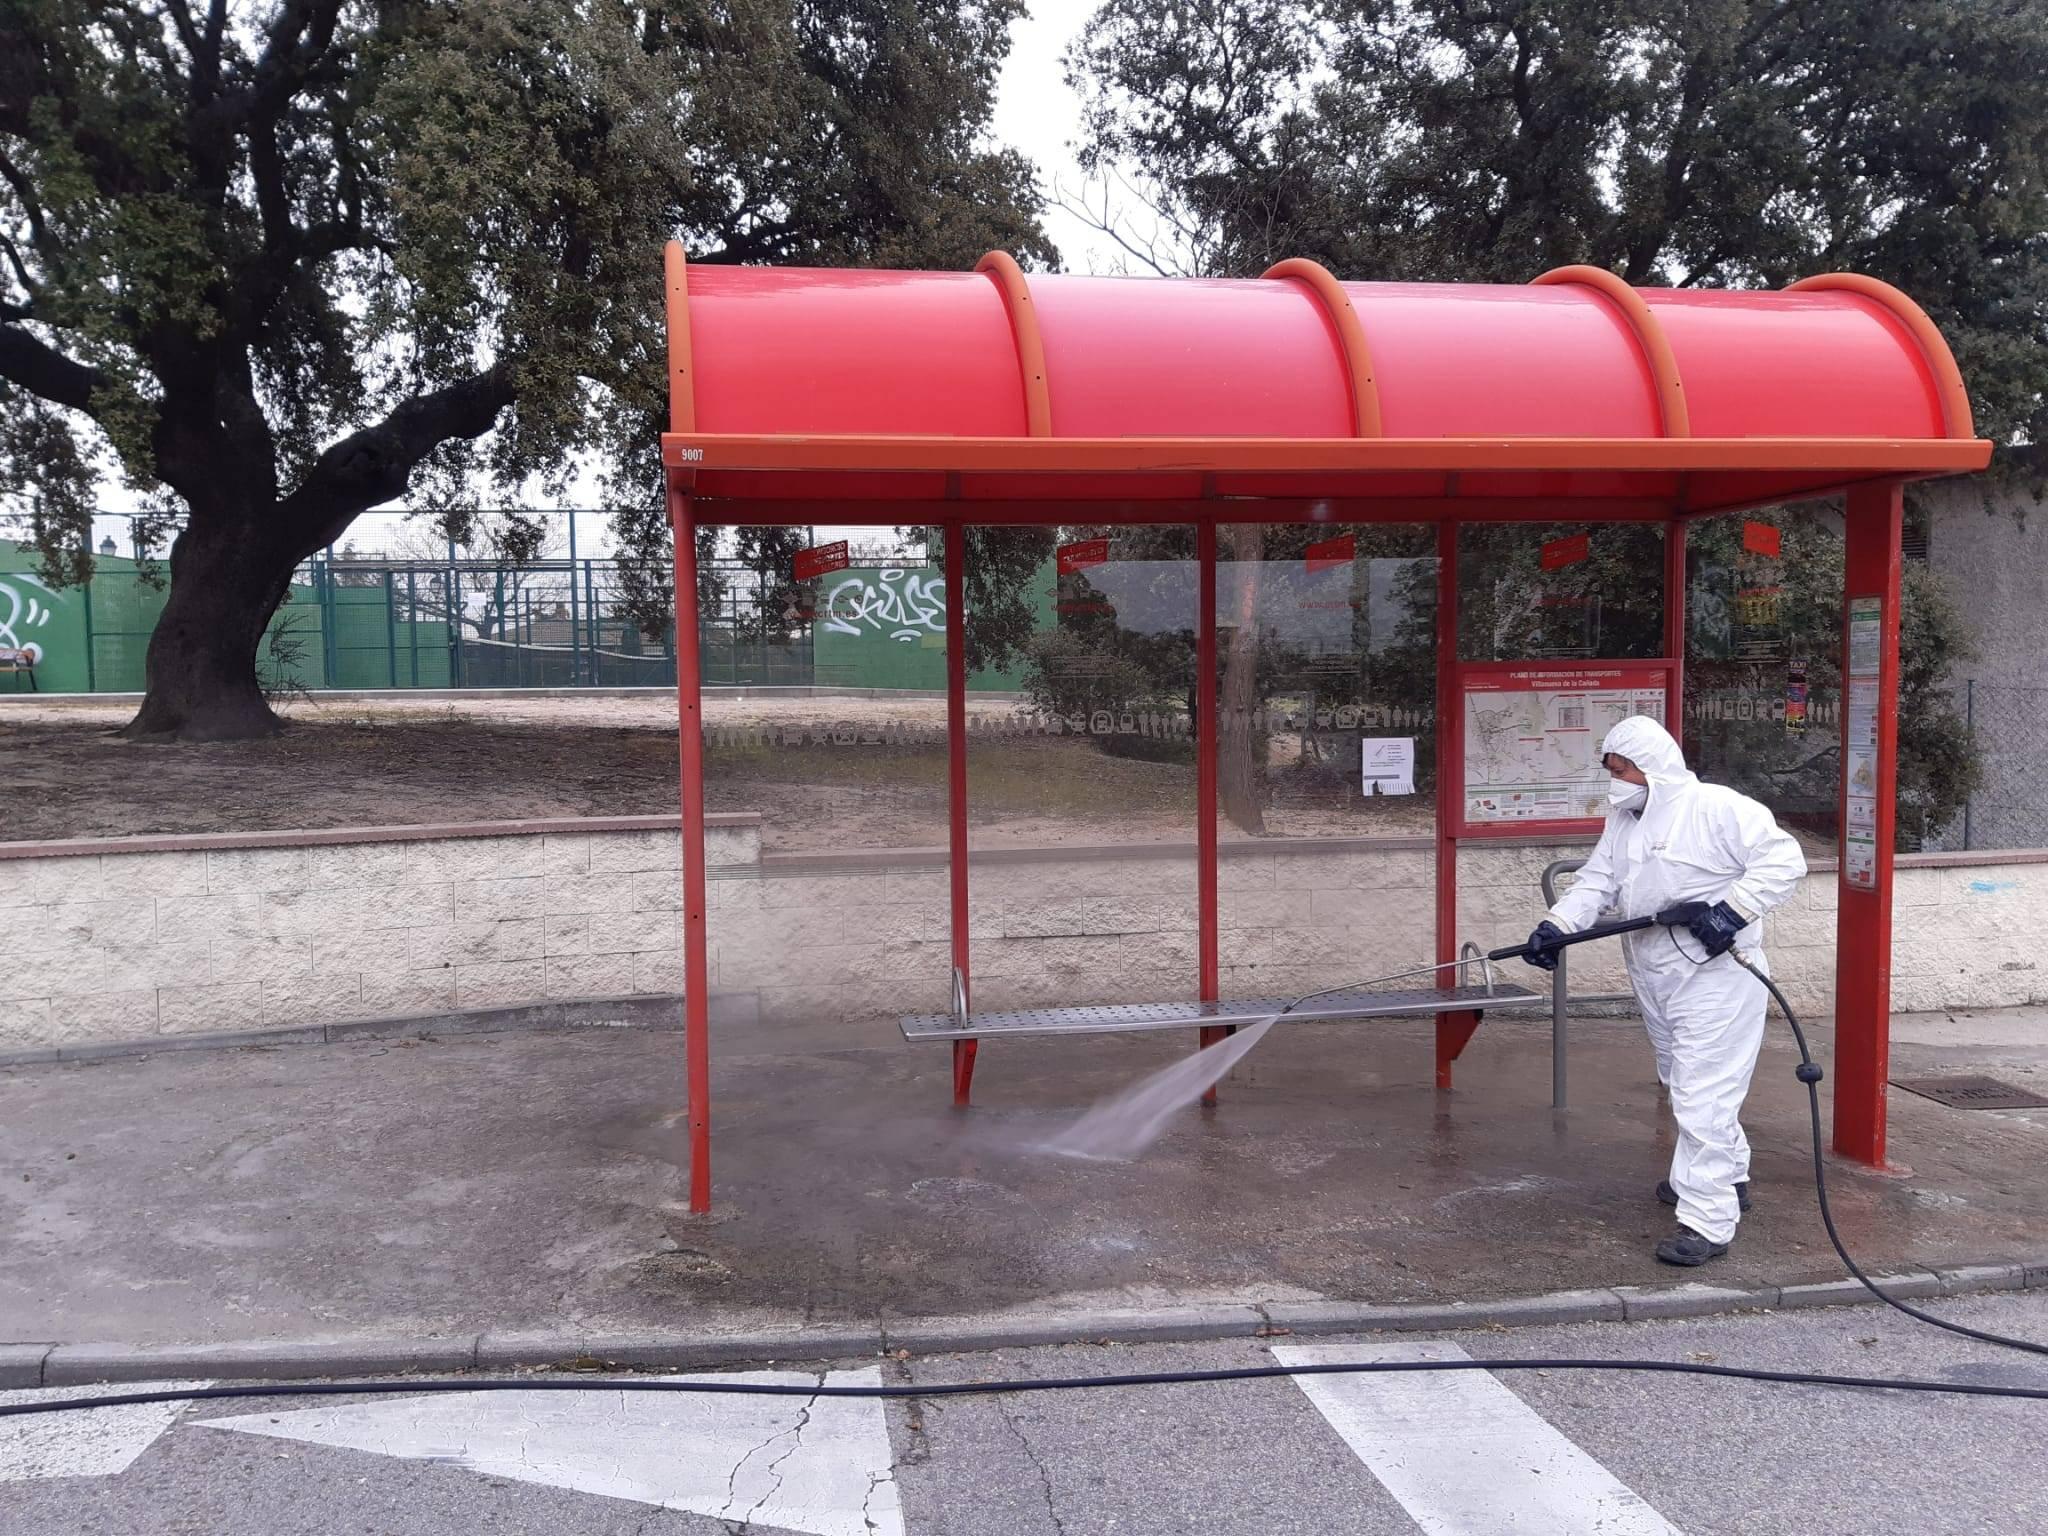 Desinfección de una de las paradas de autobús.